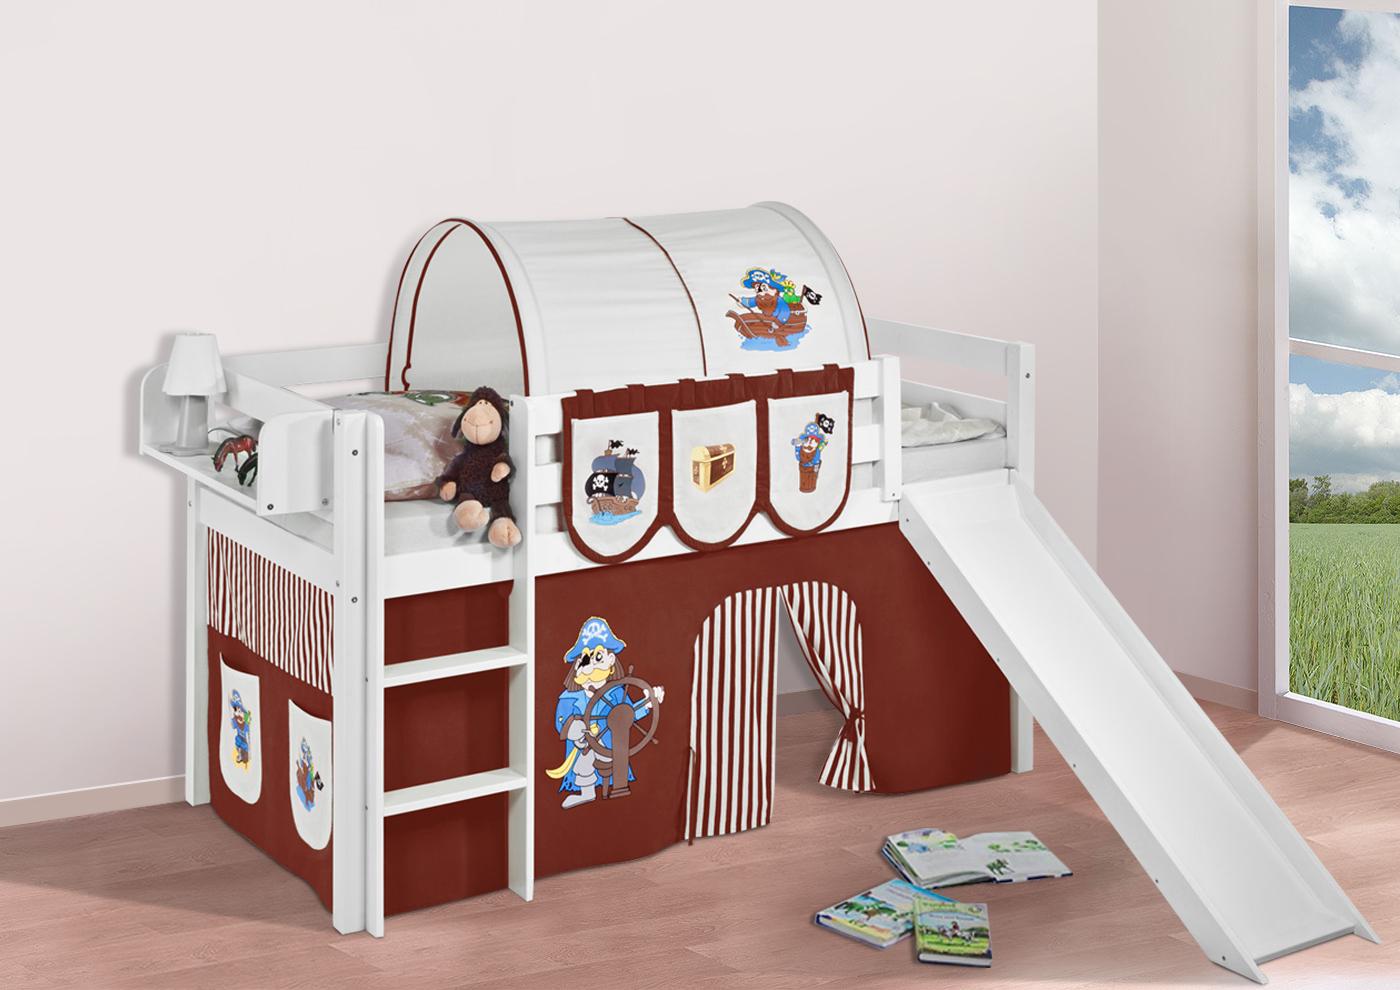 Spielbett hochbett kinderbett jelle mit rutsche buche massivholz vorhang ebay - Hochbett vorhang frozen ...